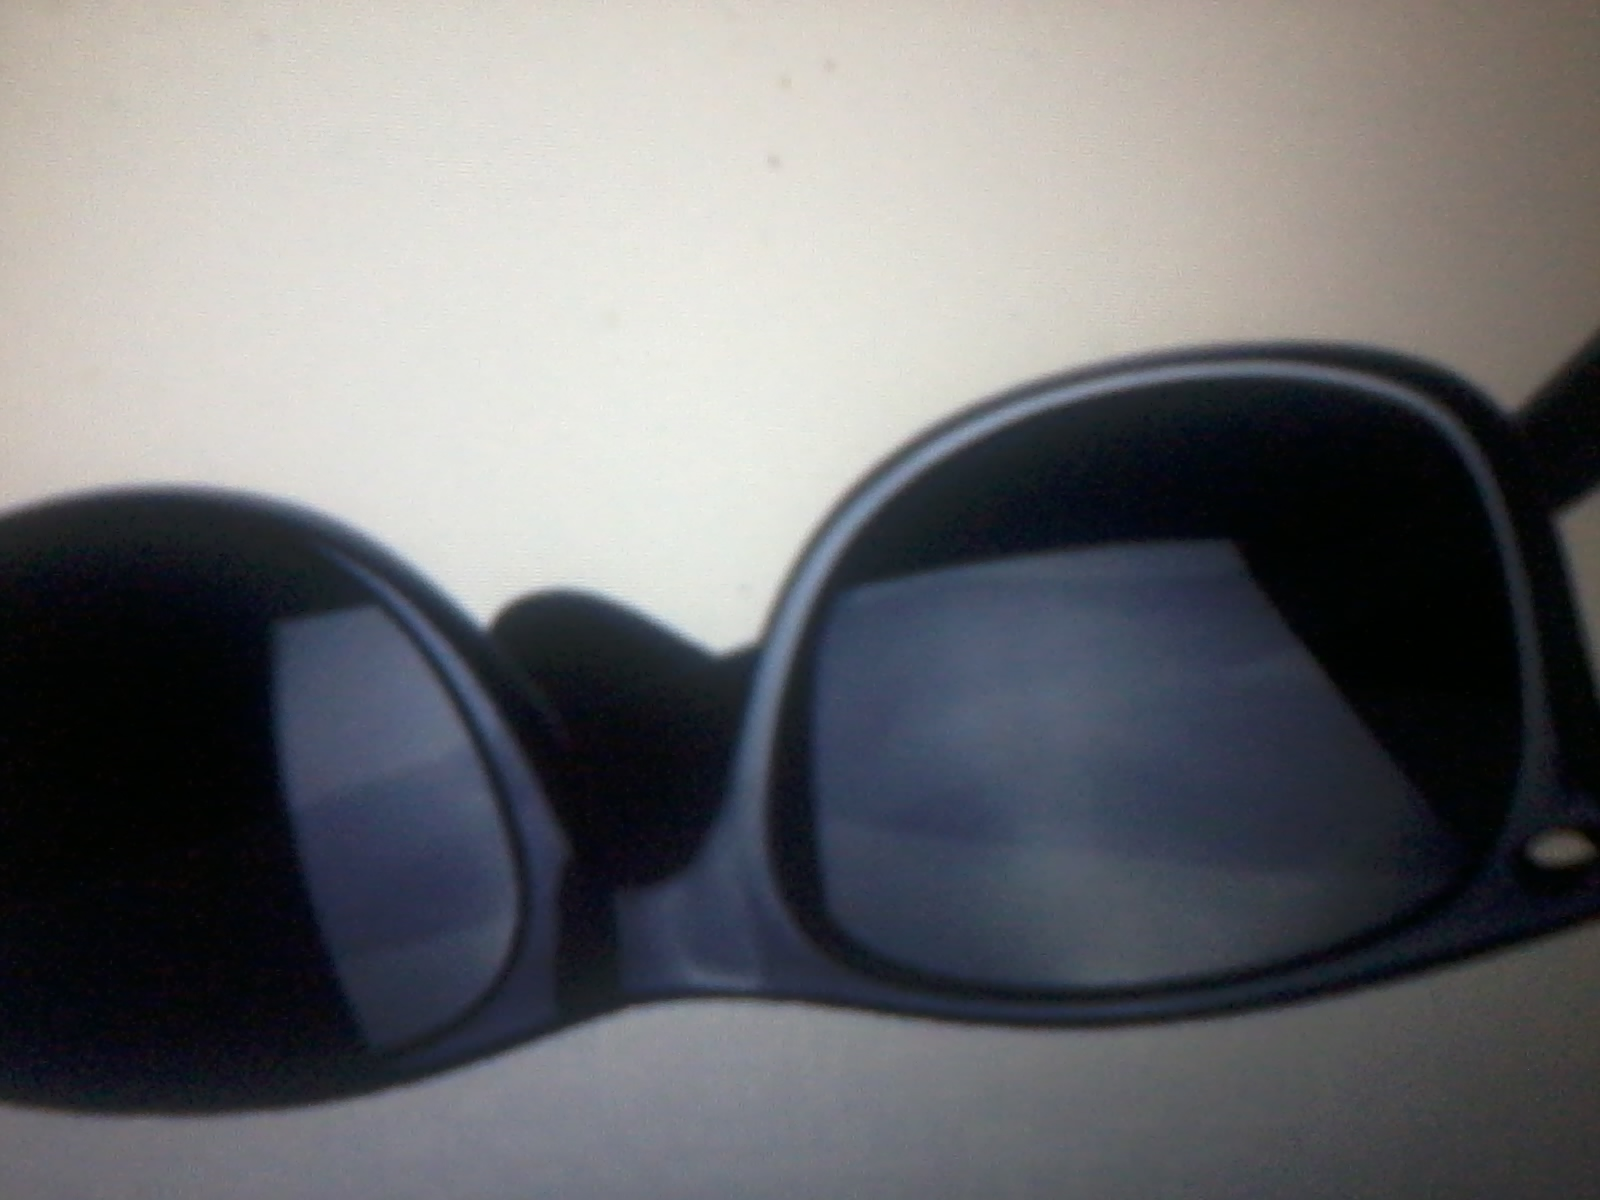 lunettes de soleil : faites le bon choix